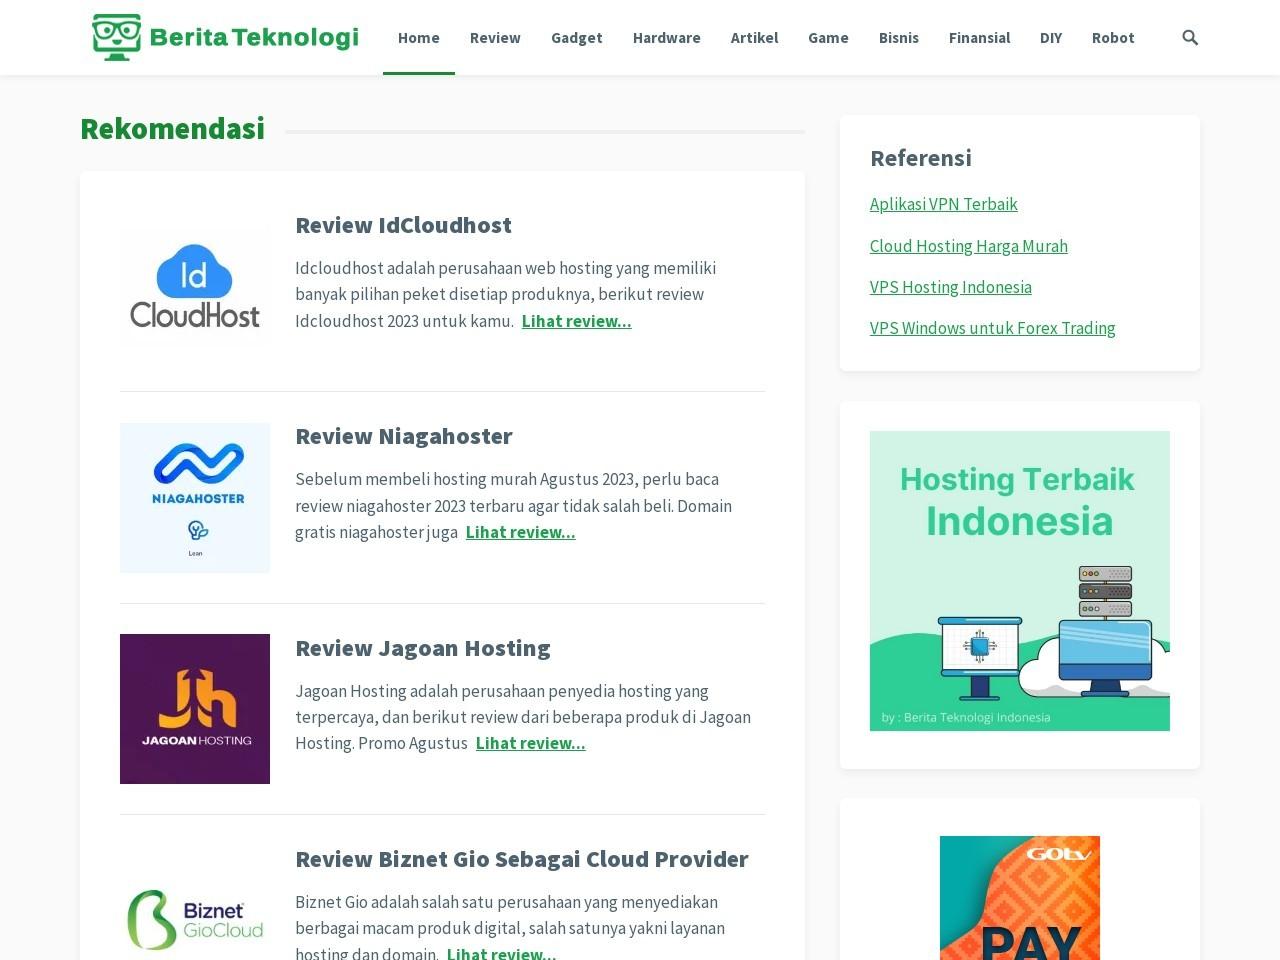 Alternatif Gboard Terbaik Untuk Android